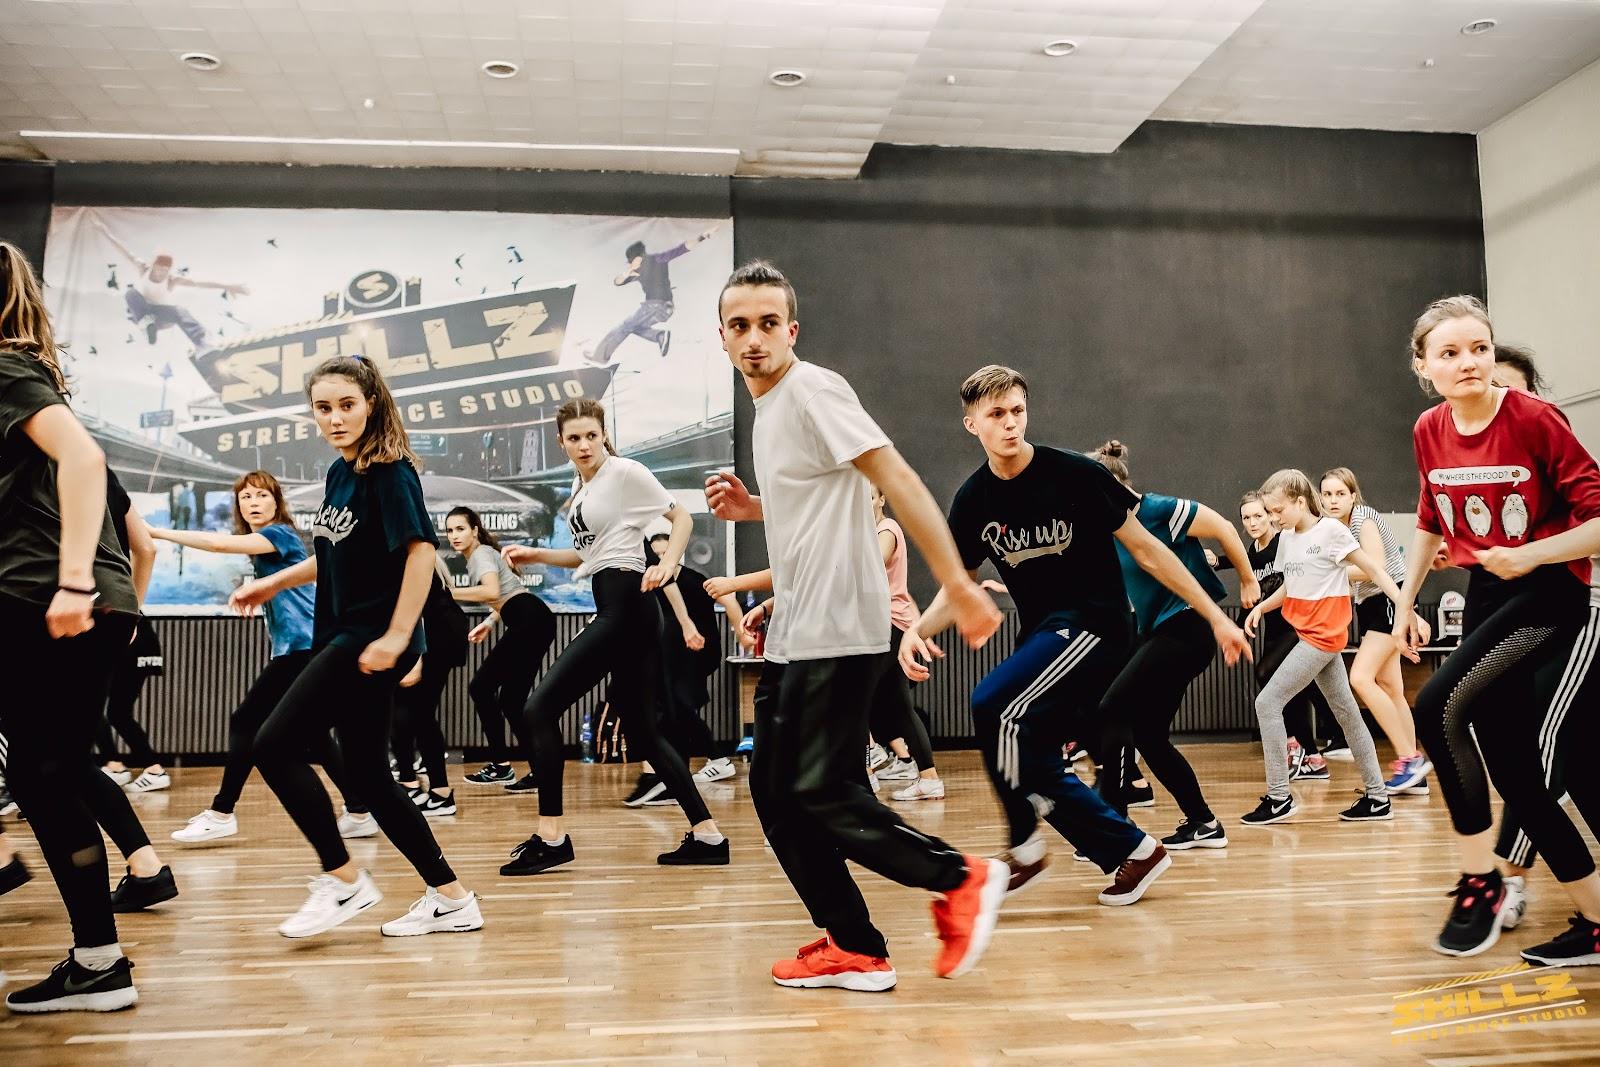 Dancehall Takeover seminarai (Jamaika, Belgija, Prancuzija) - IMG_9900.jpg